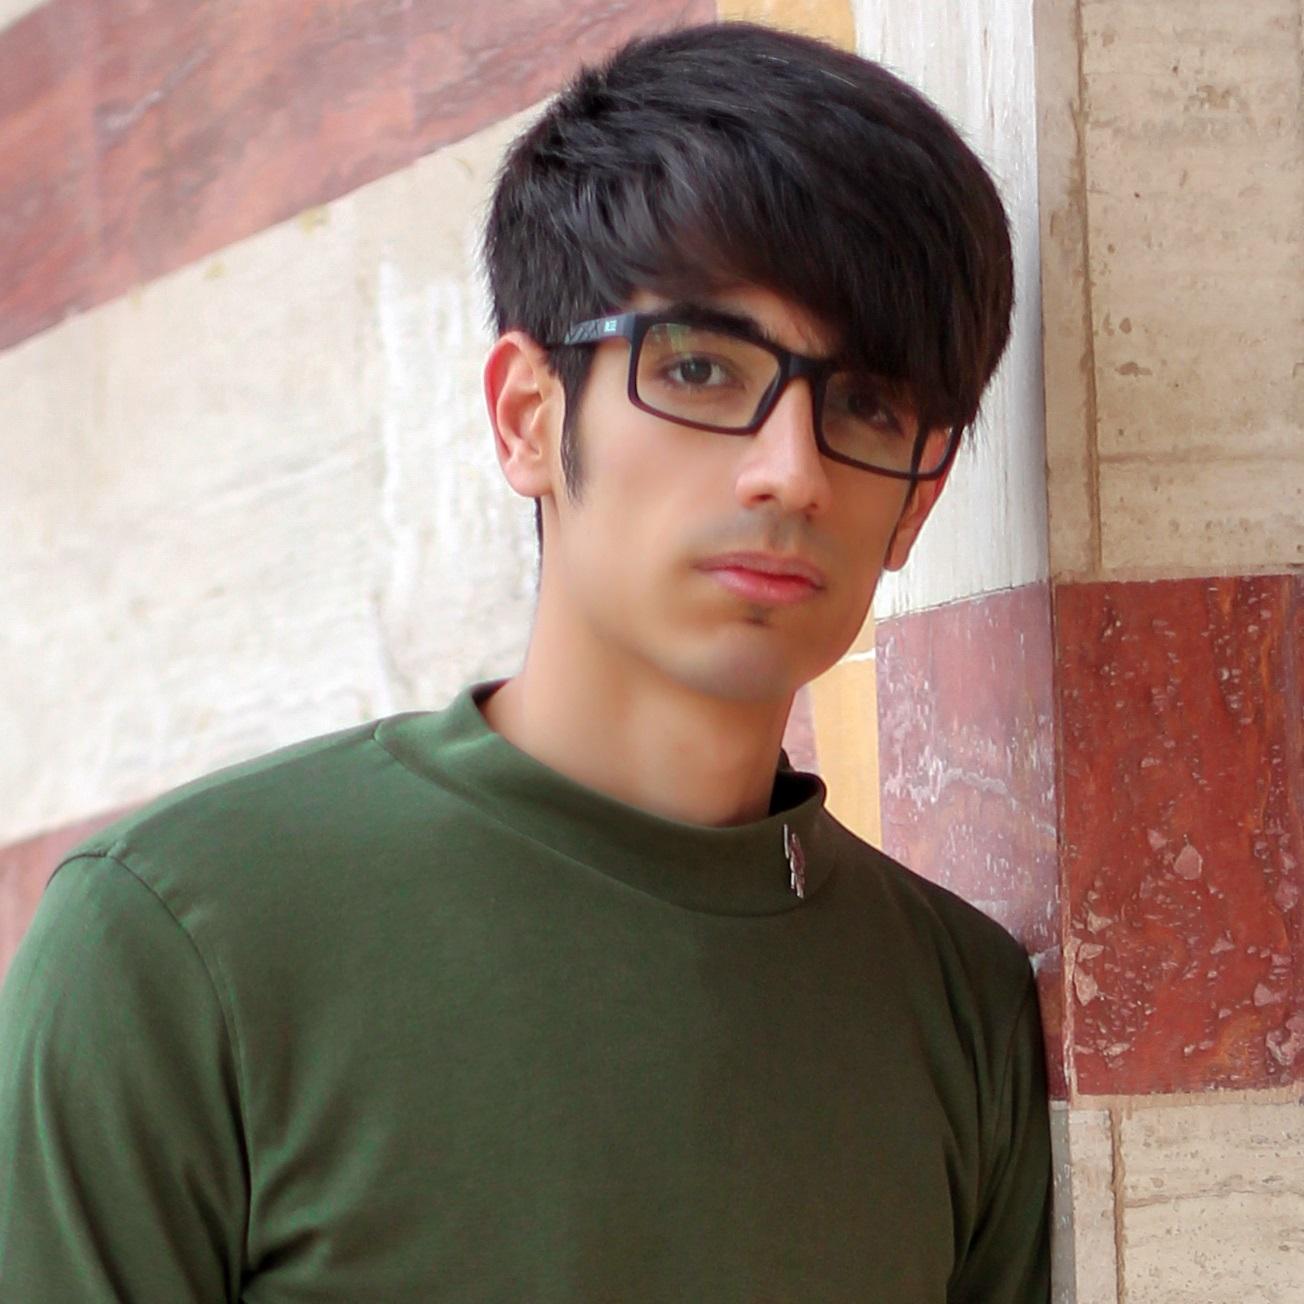 علی صیفی